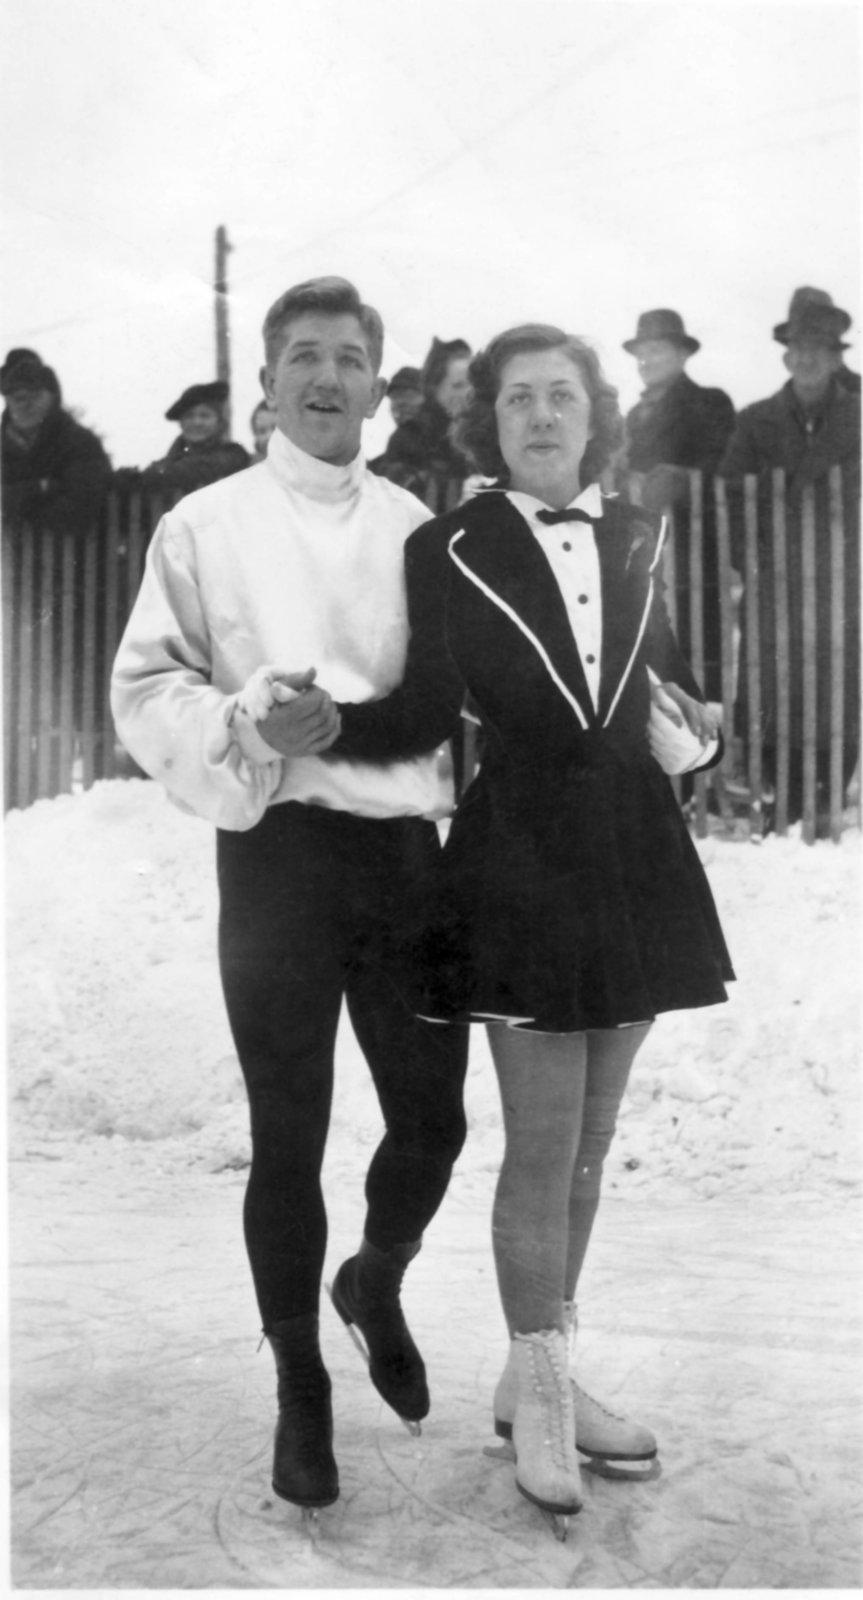 Arthur (of Albert) Linke and Margaret Linke